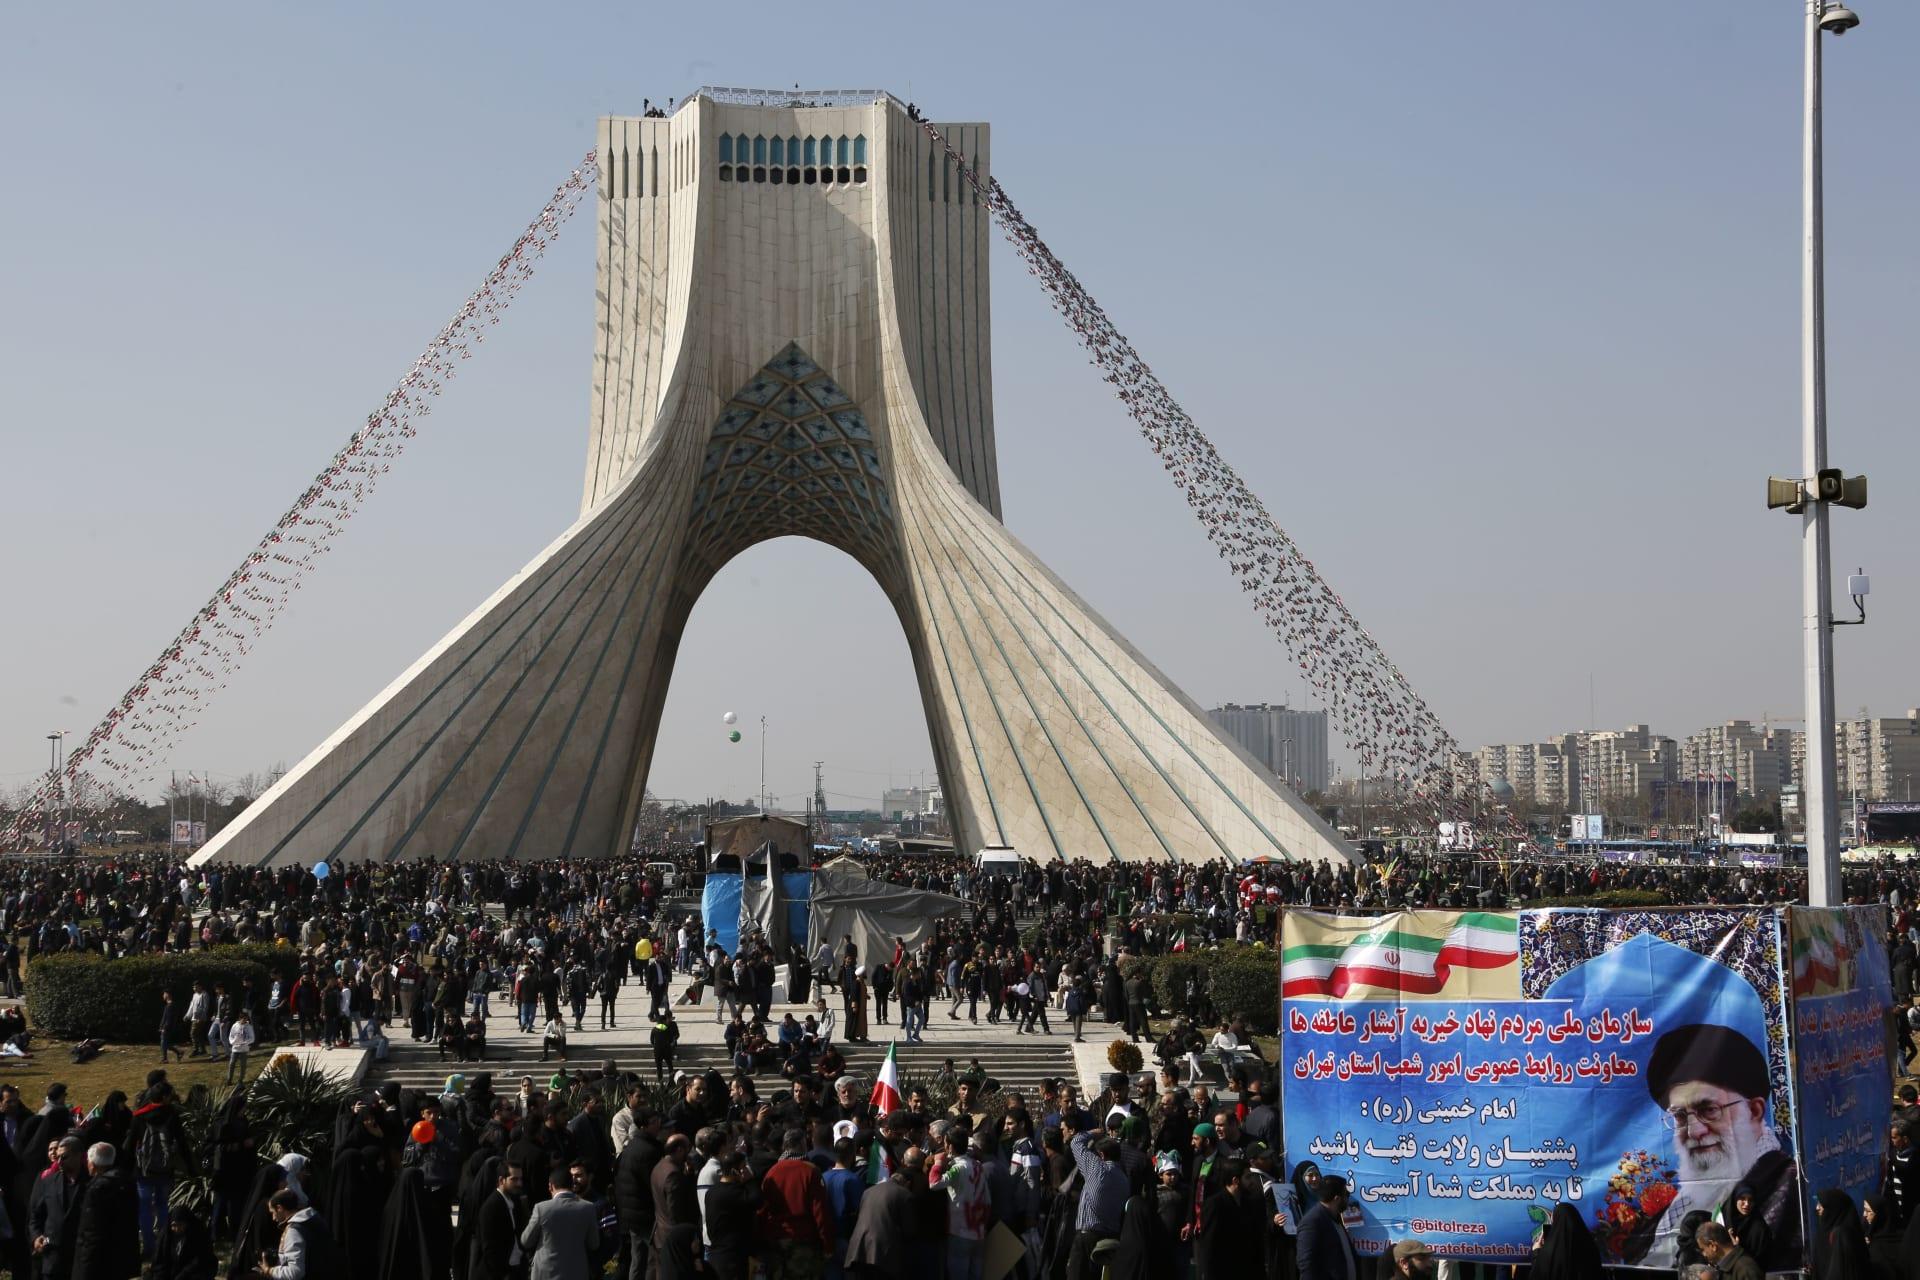 إيران.. حكم بإعدام متهم بالتجسس لصالح الولايات المتحدة